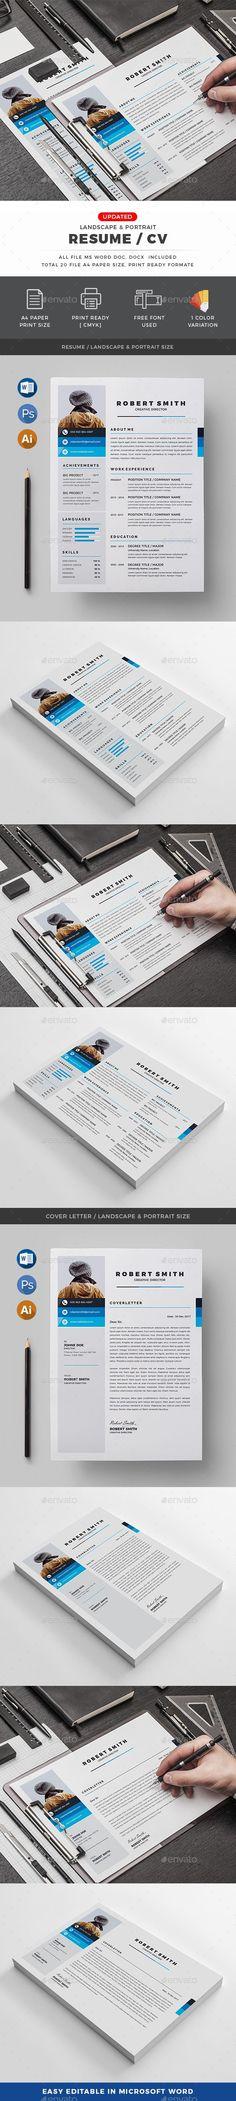 CV 1552 best Resume Design images on